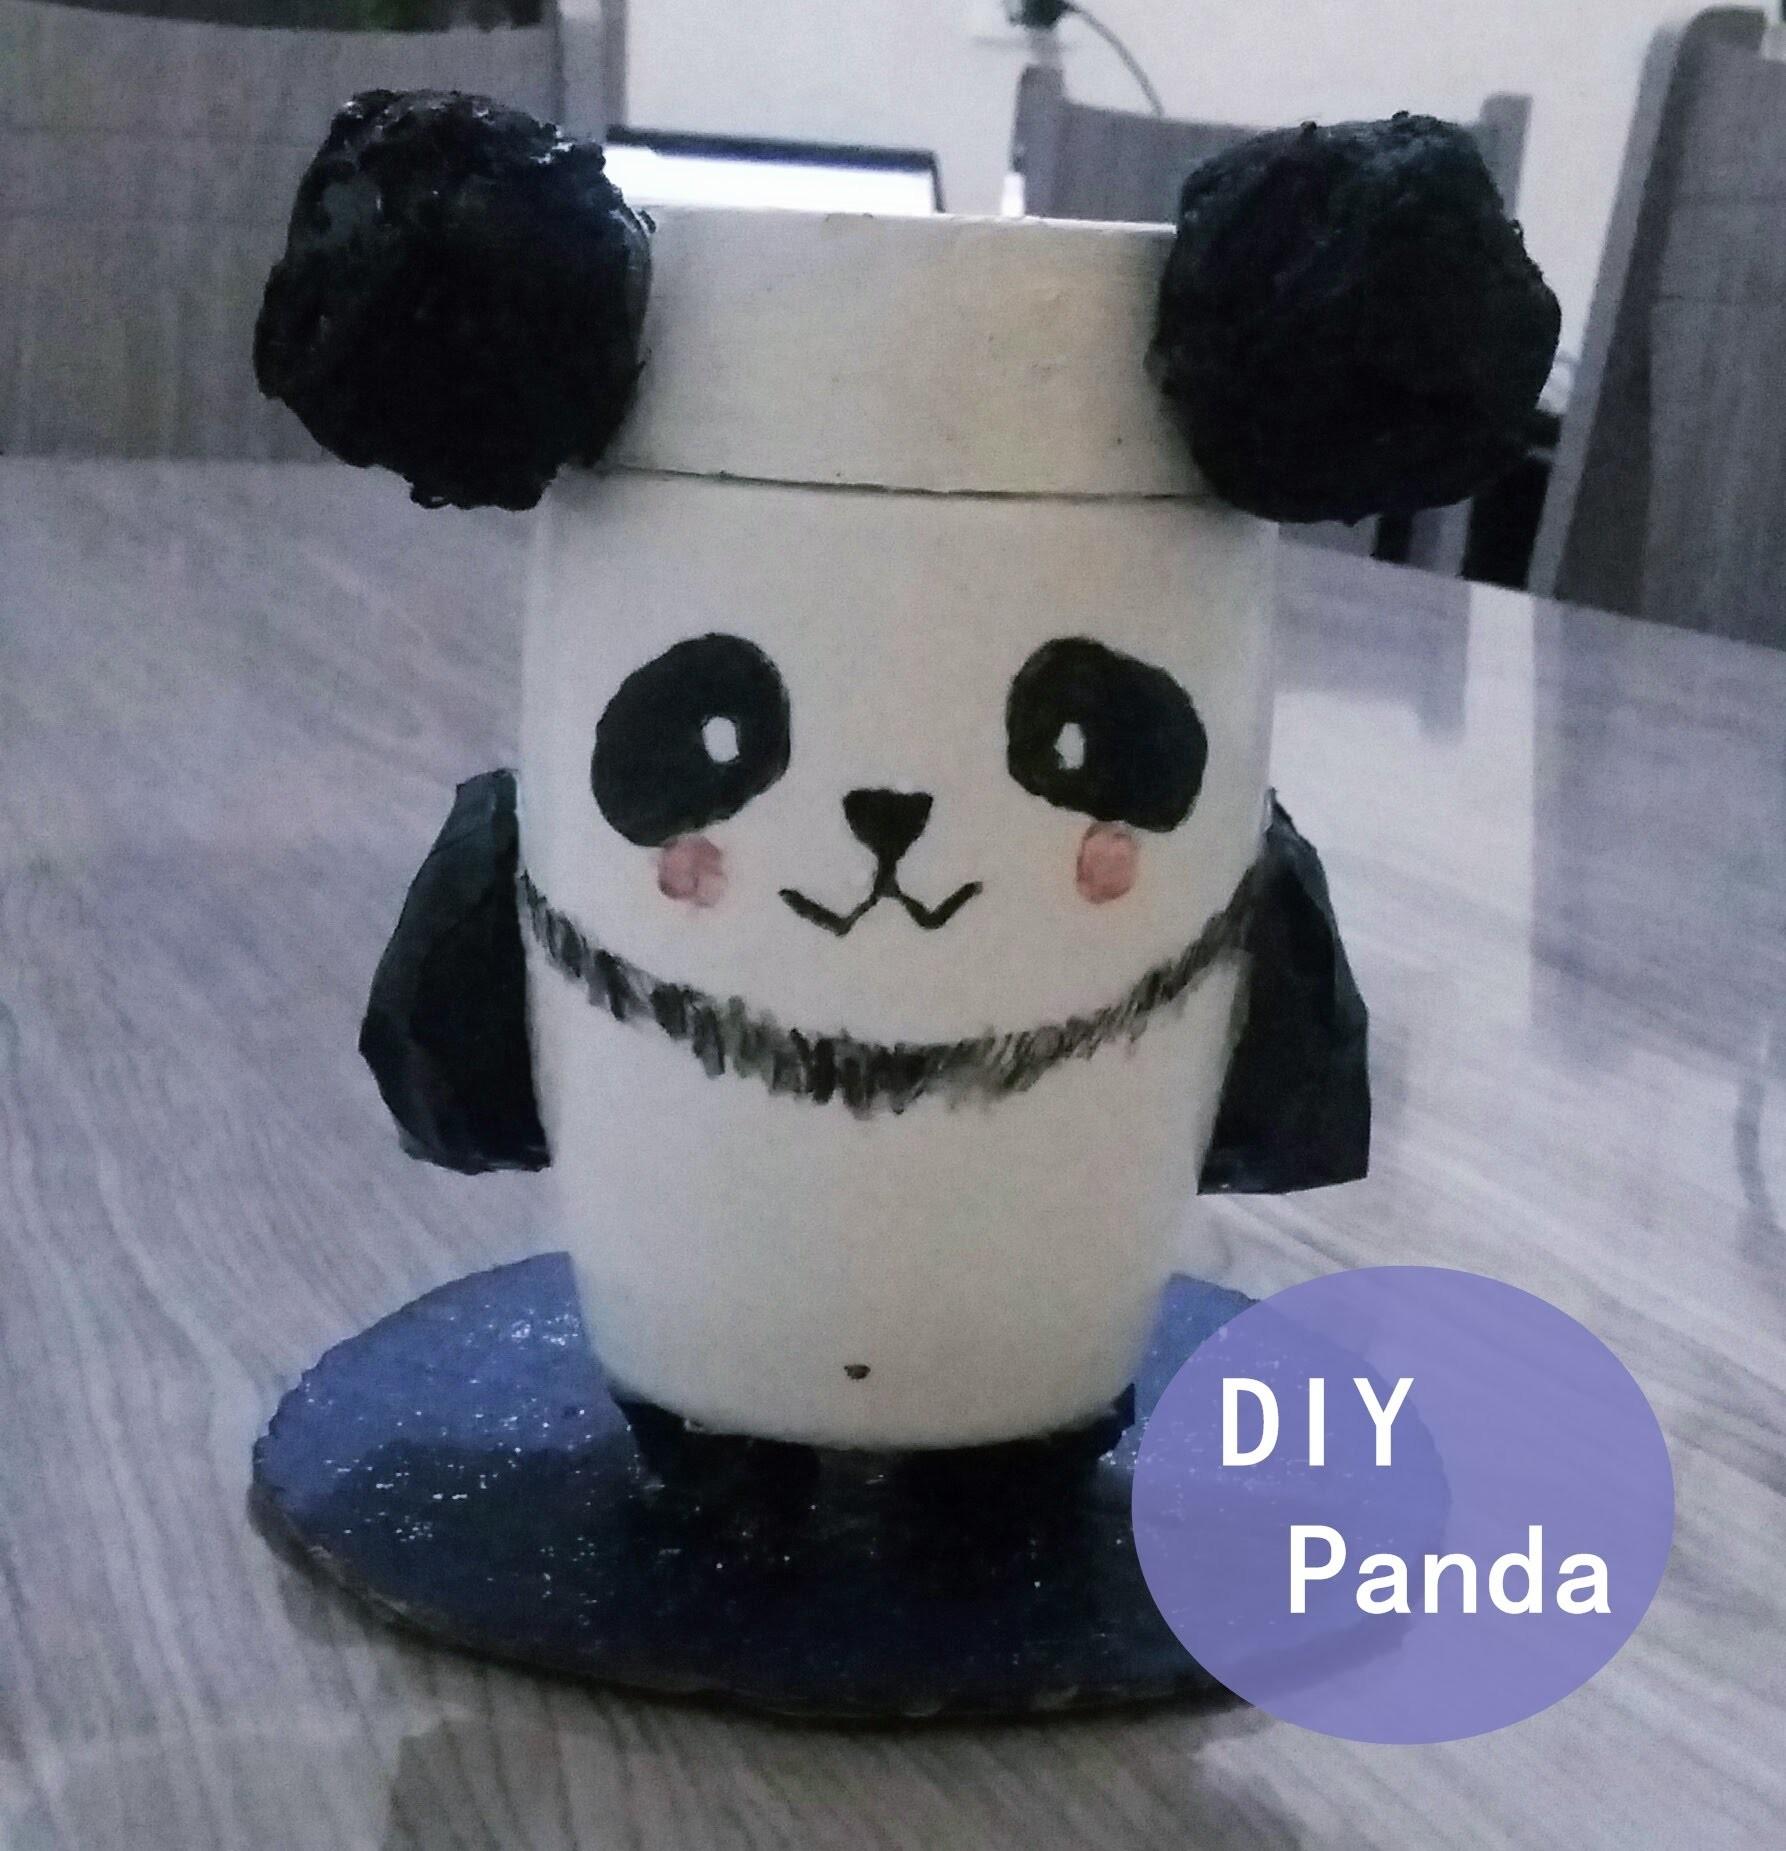 DIY: Urso Panda Enfeite.  Panda Bear Ornament